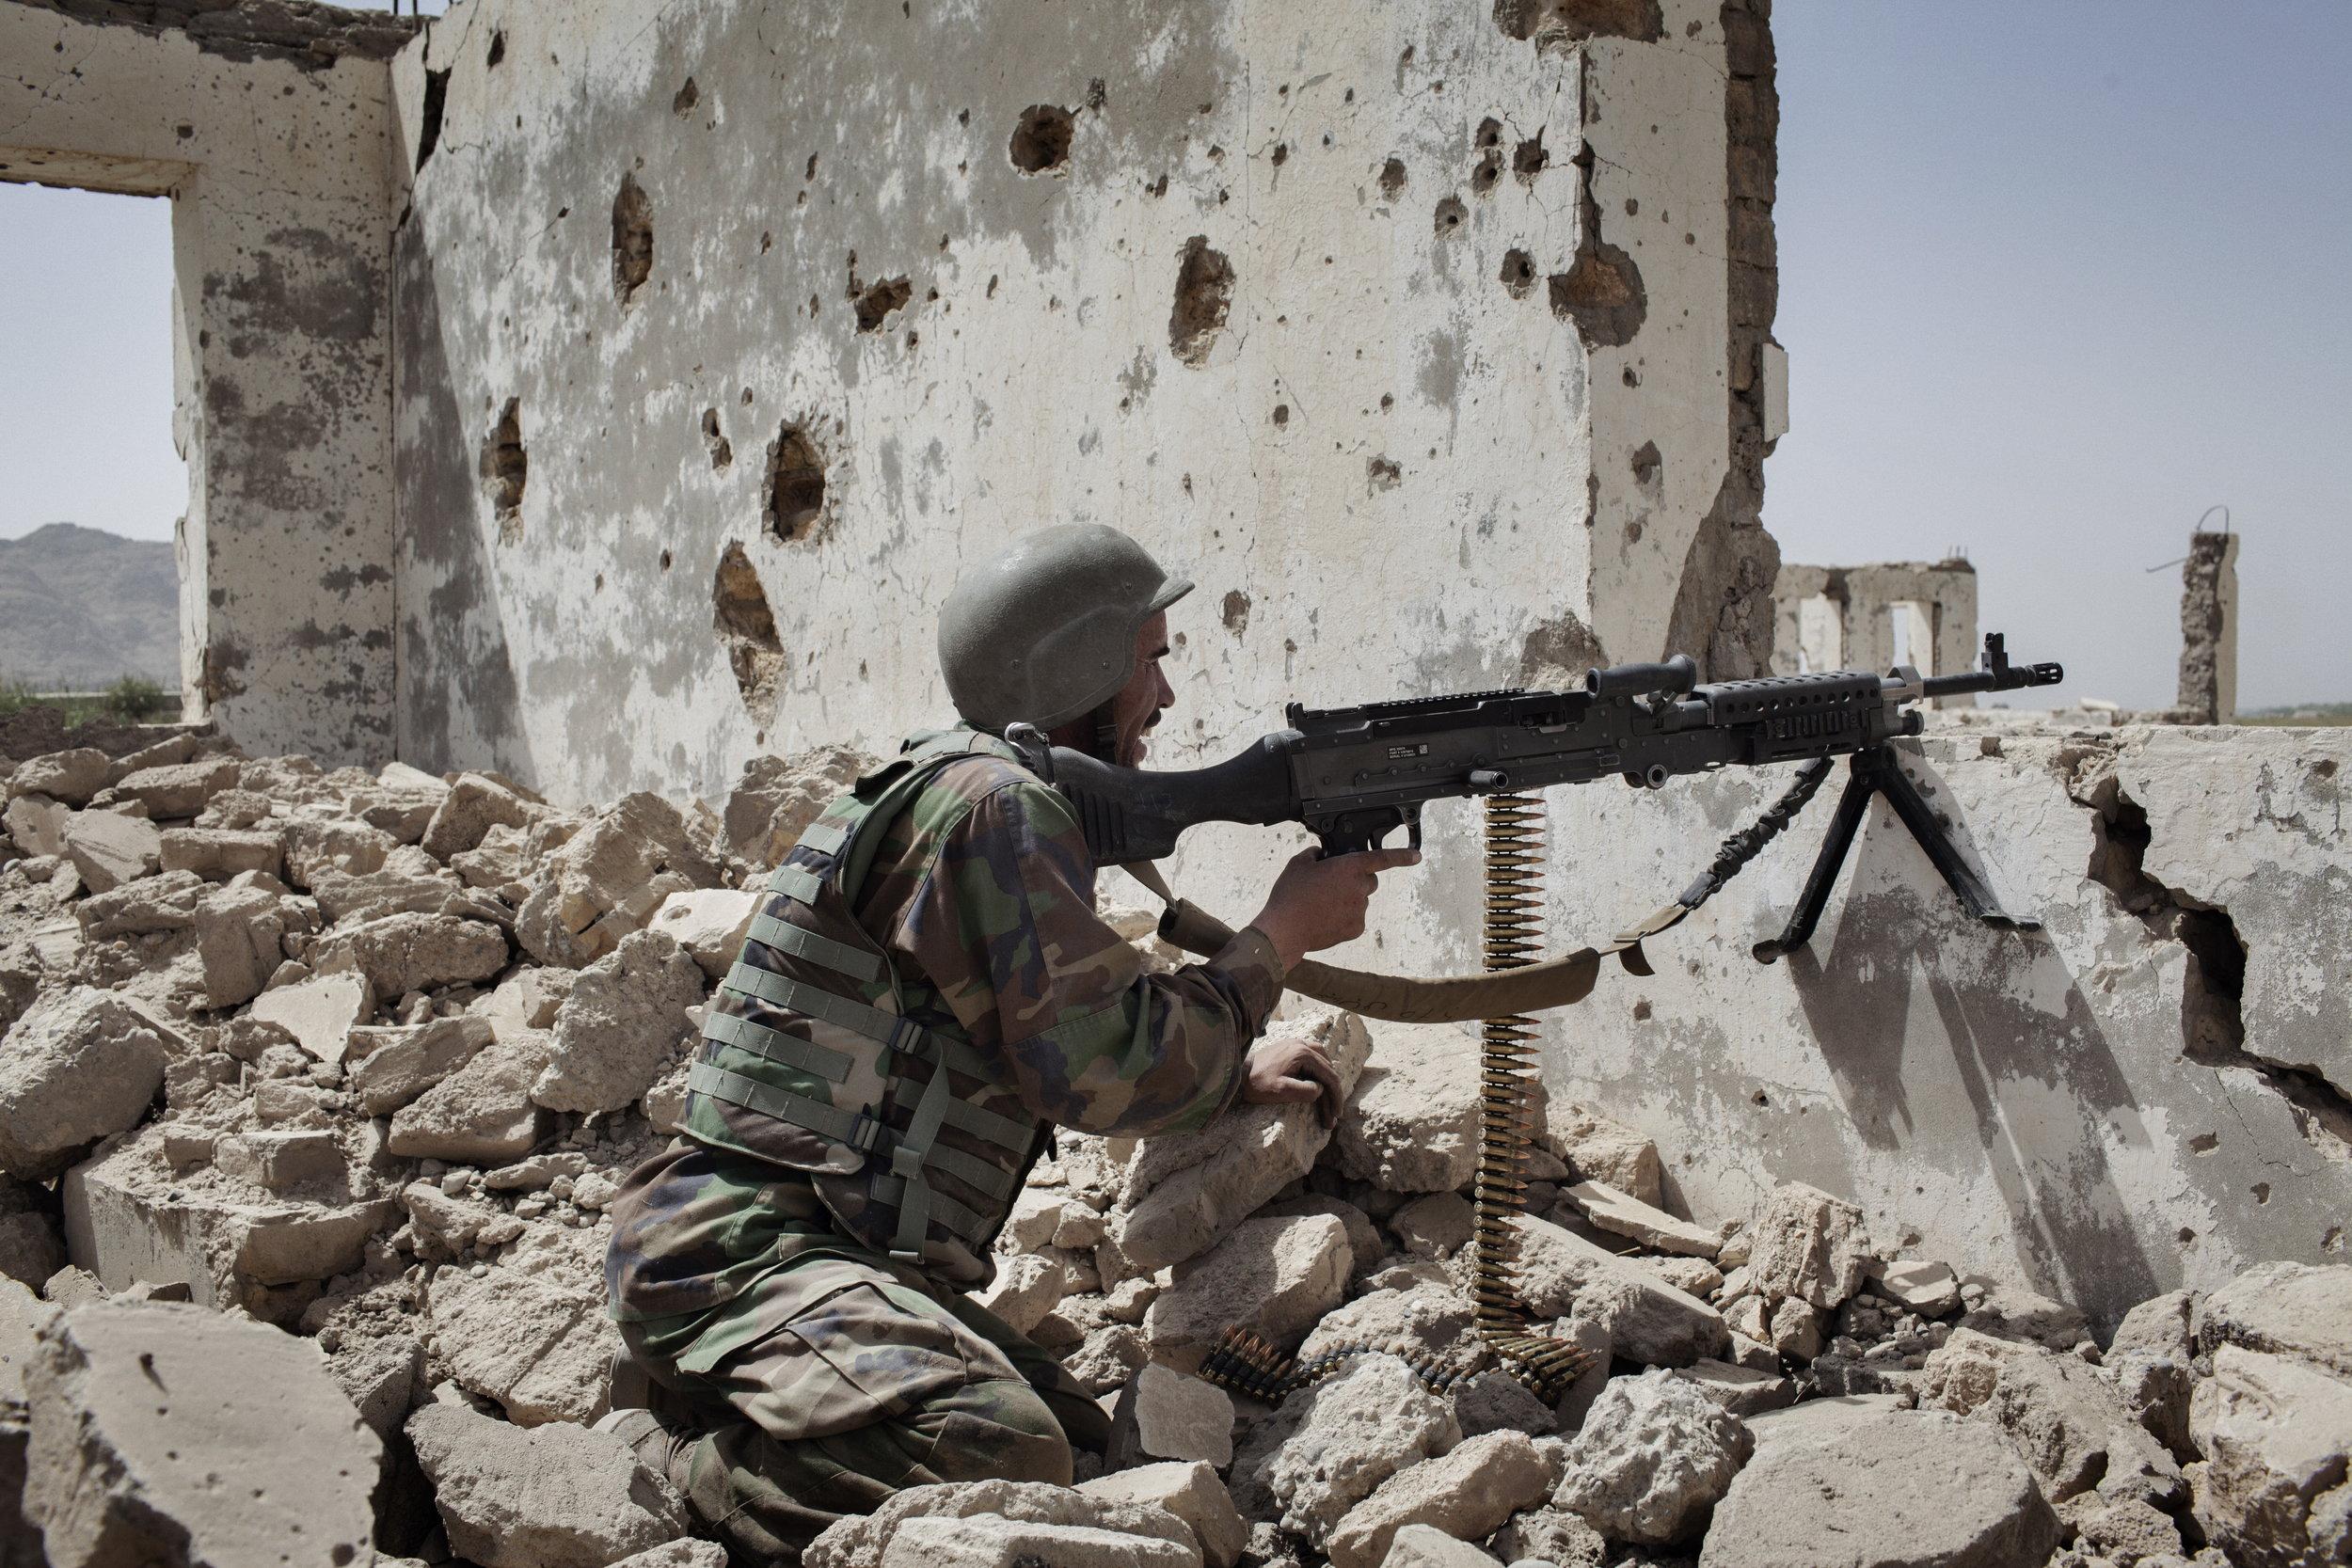 Sebastian_Meyer_Afghanistan_17.jpg